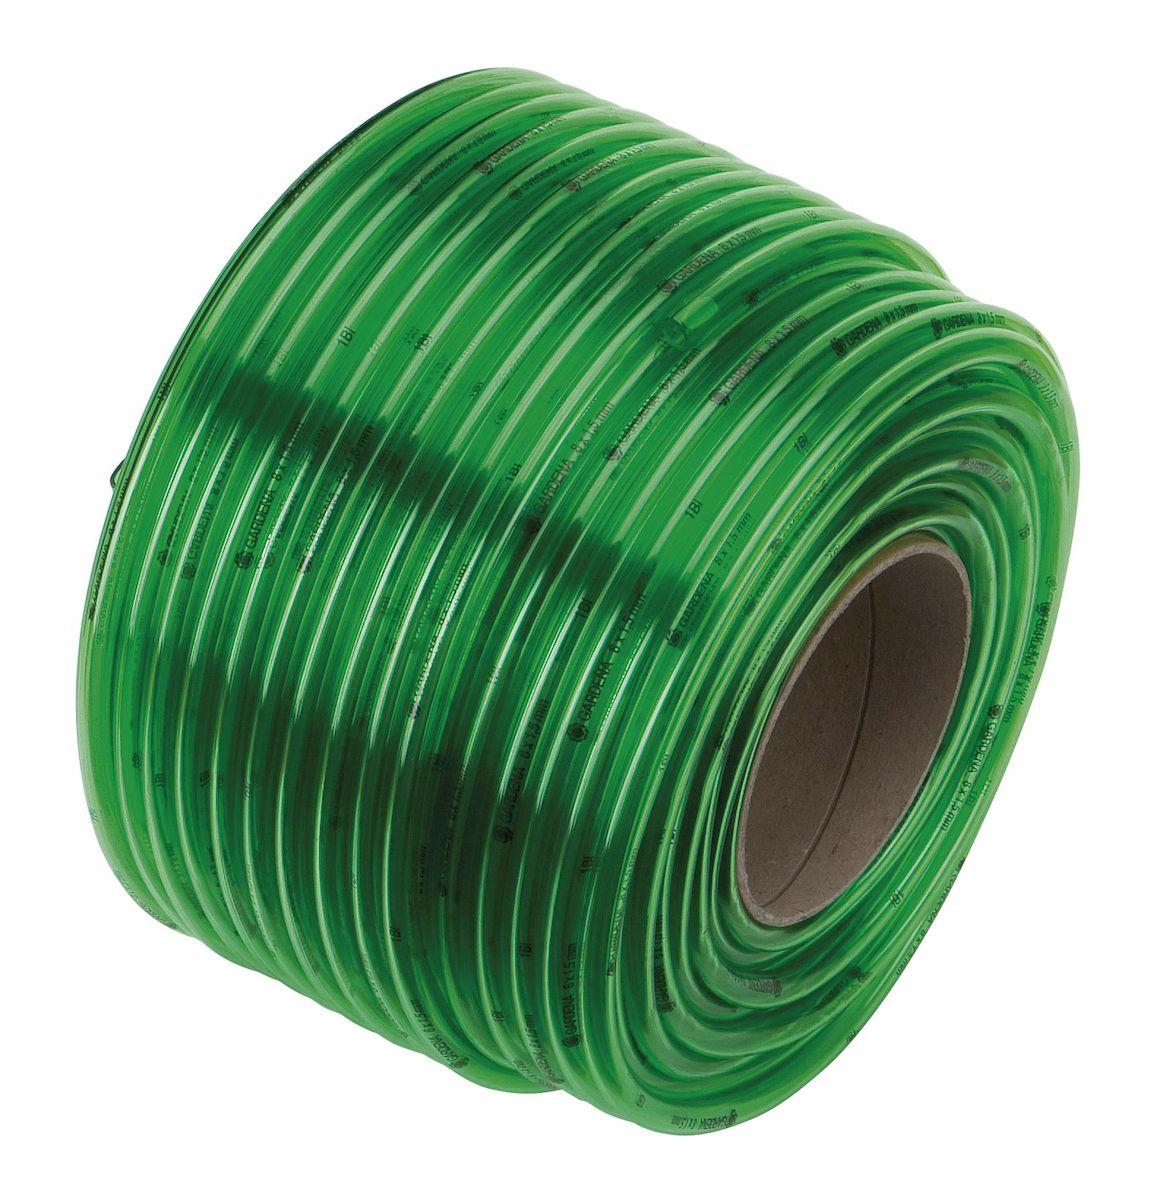 Шланг Gardena, прозрачный, диаметр 10, длина 50 м04988-20.000.00Шланг Gardena изготовлен из прозрачного ПВХ. Шланг предназначен для транспортировки жидкостей без напора в диапазоне температур от -10°С до +50°С. Без текстильного армирования, без содержания регенератов, кадмия, свинца и бария